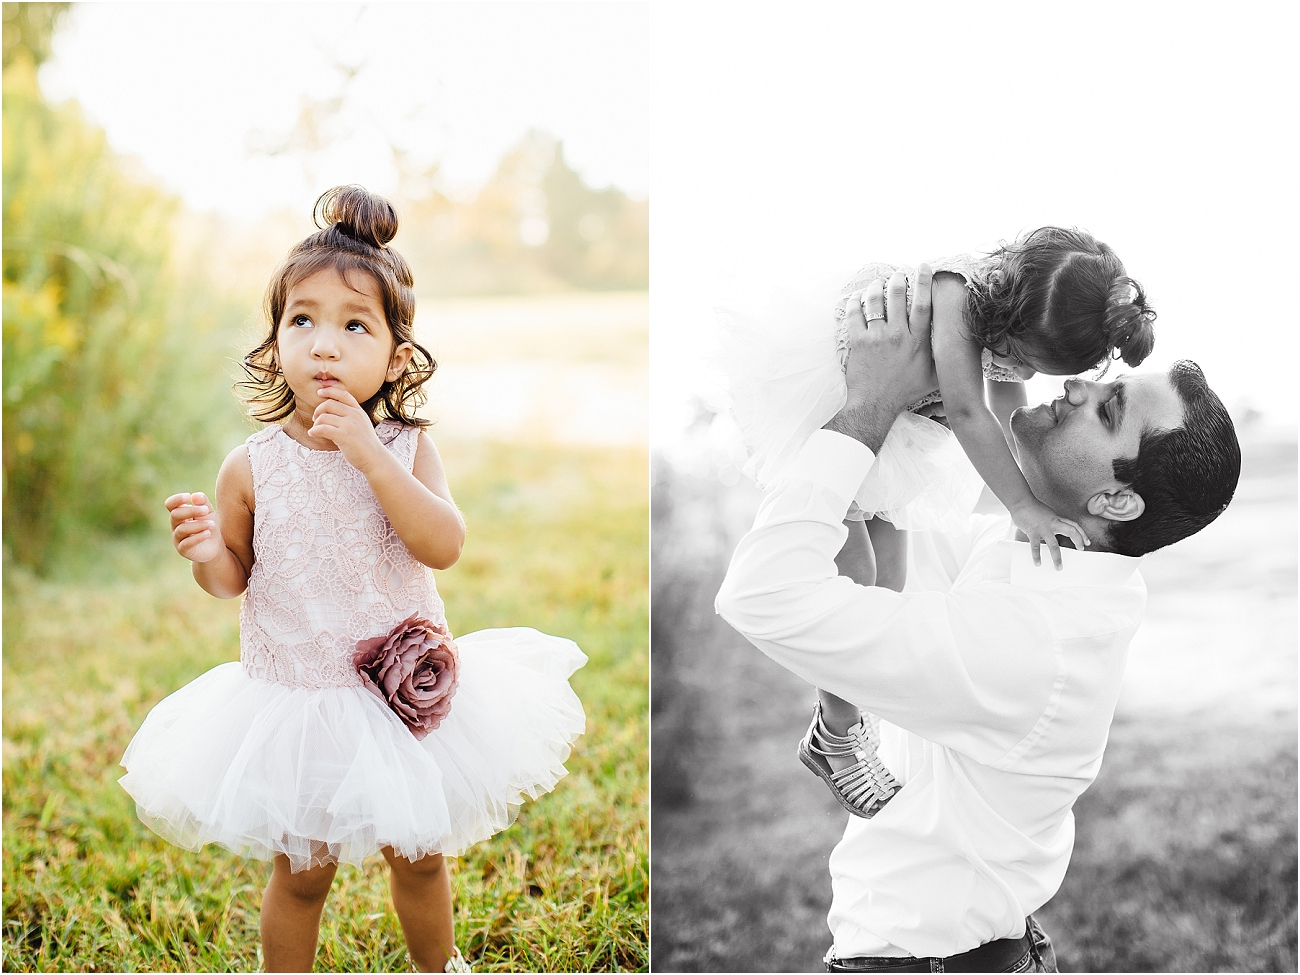 Fulshear_Family_Photographer_19